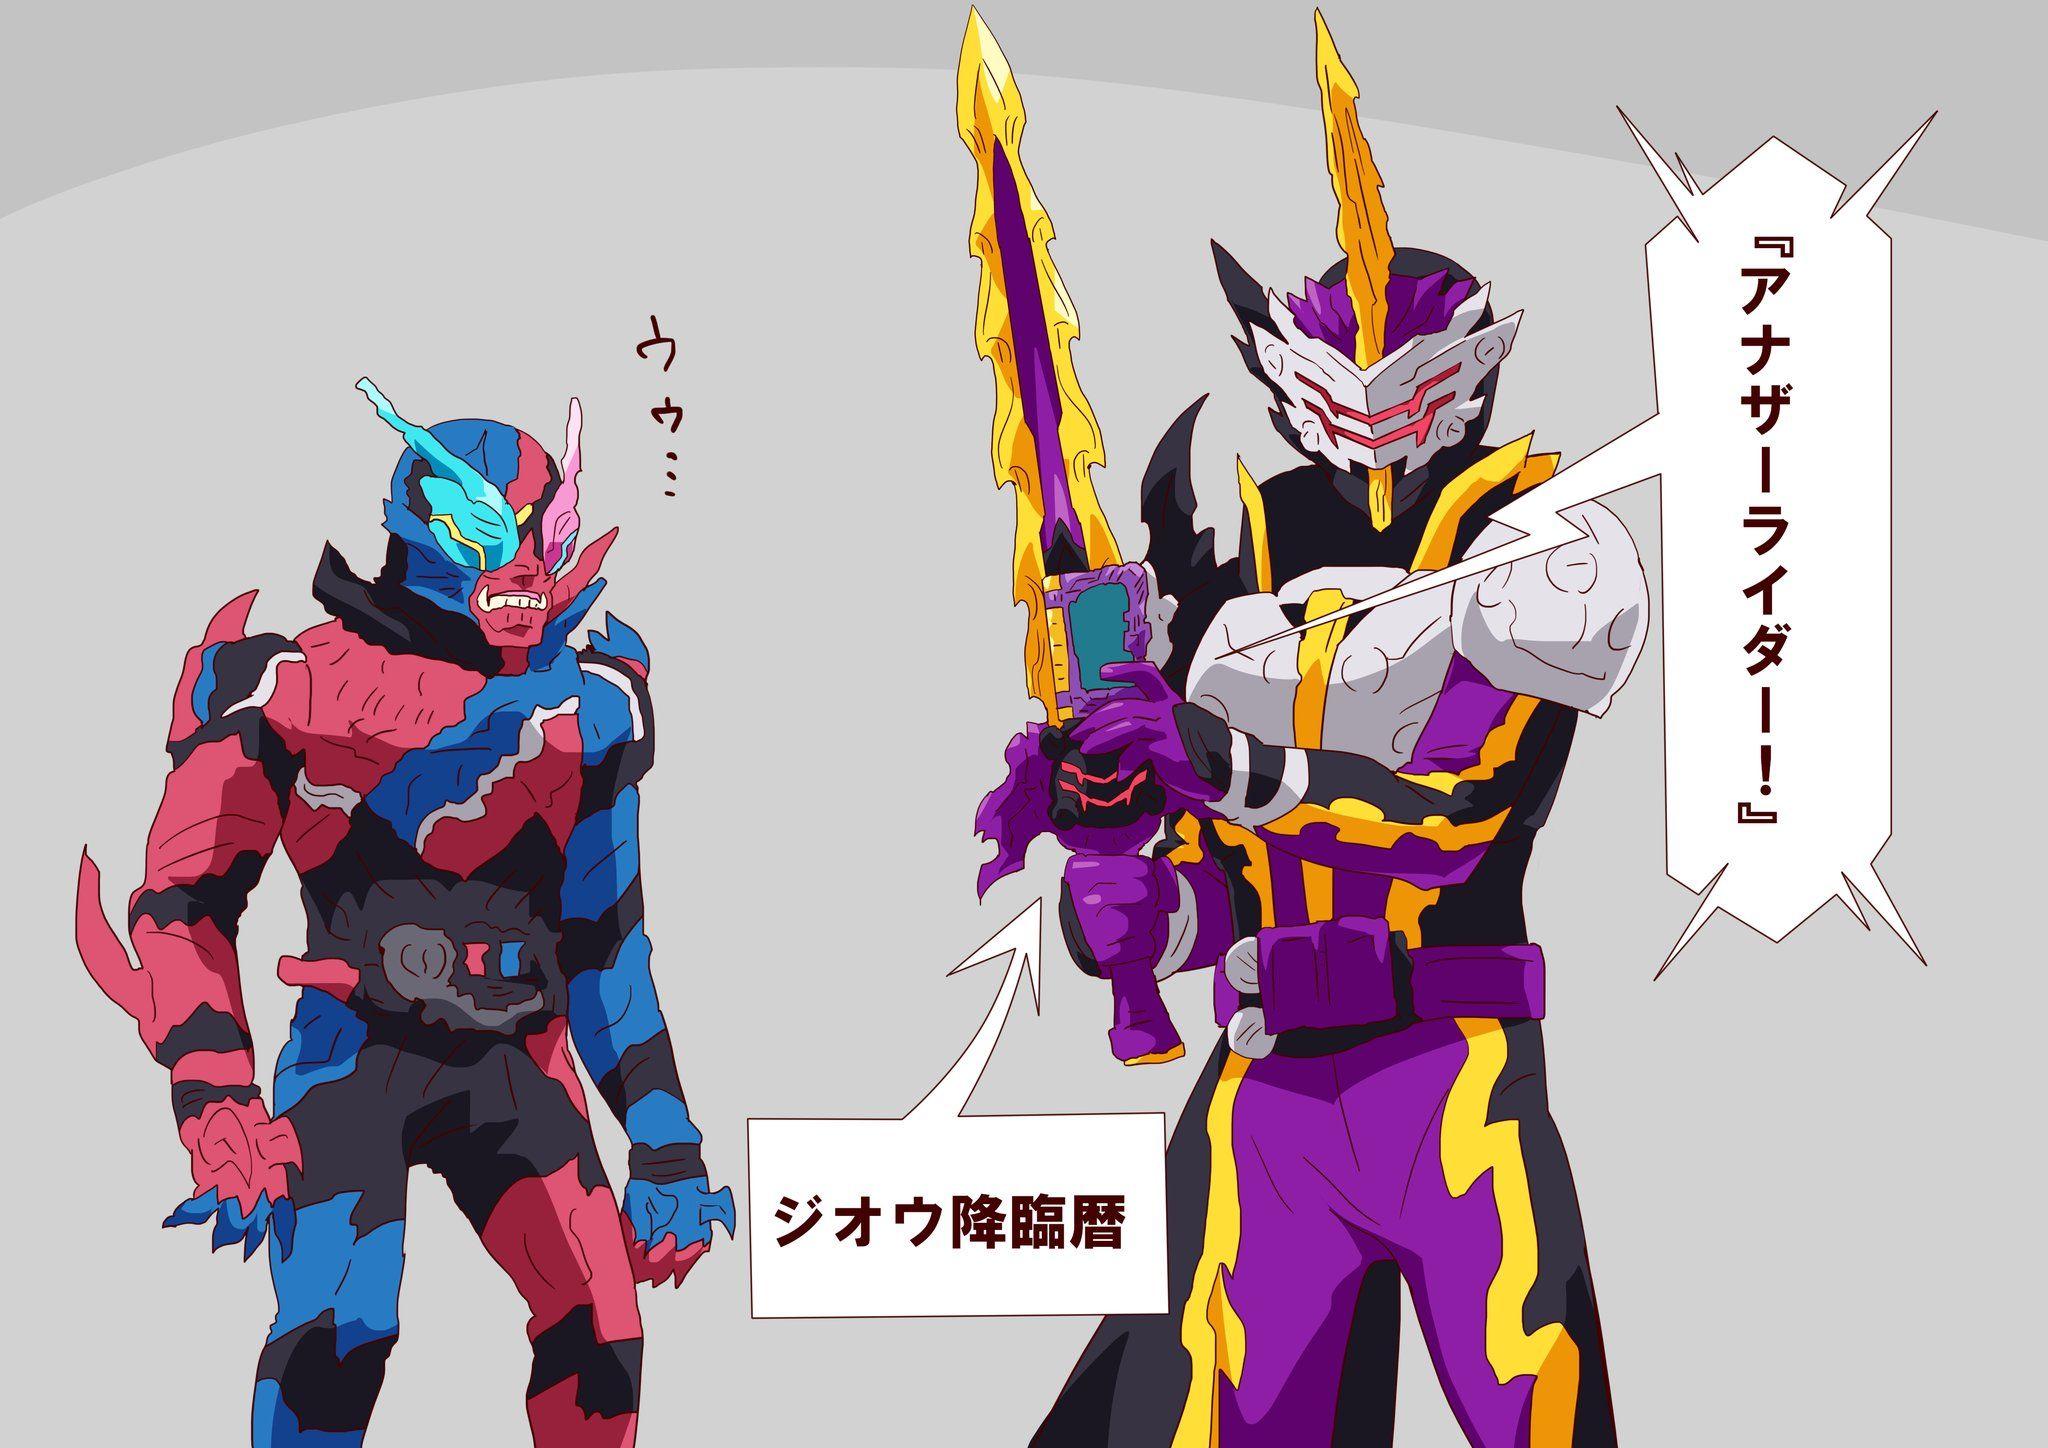 オトカム お仕事募集中 on twitter in 2021 kamen rider rider mecha anime